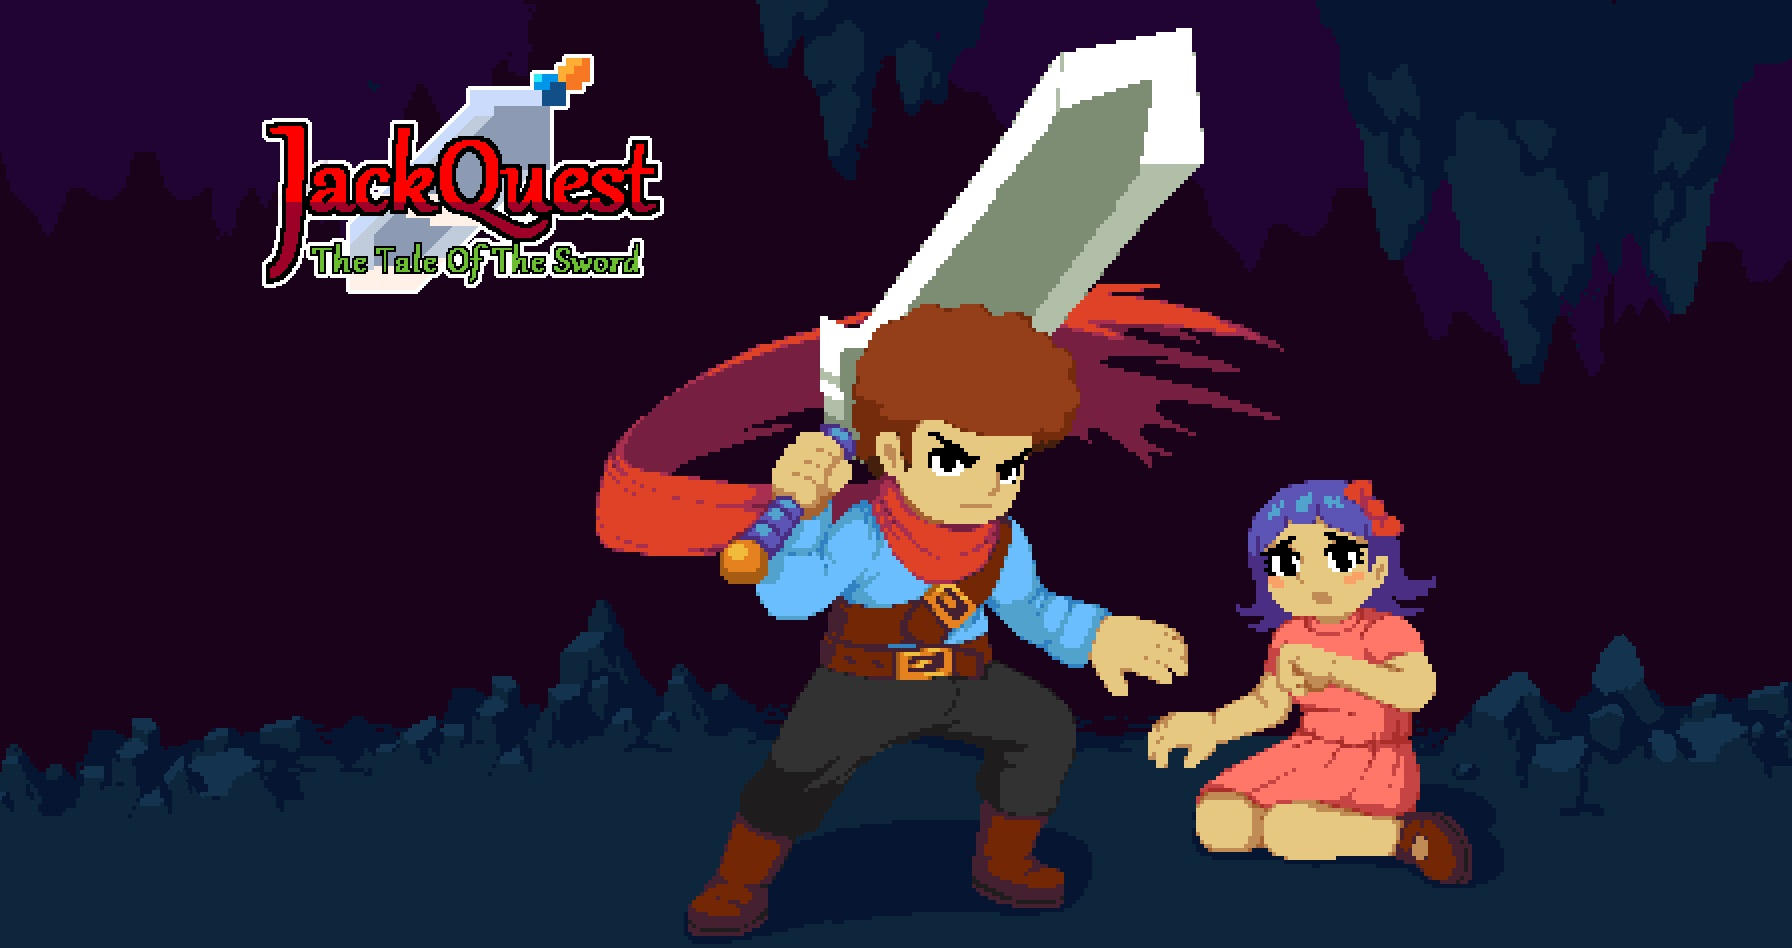 [Switch] Jogo de ação e plataforma JackQuest: Tale of the Sword chega no final janeiro; Trailer